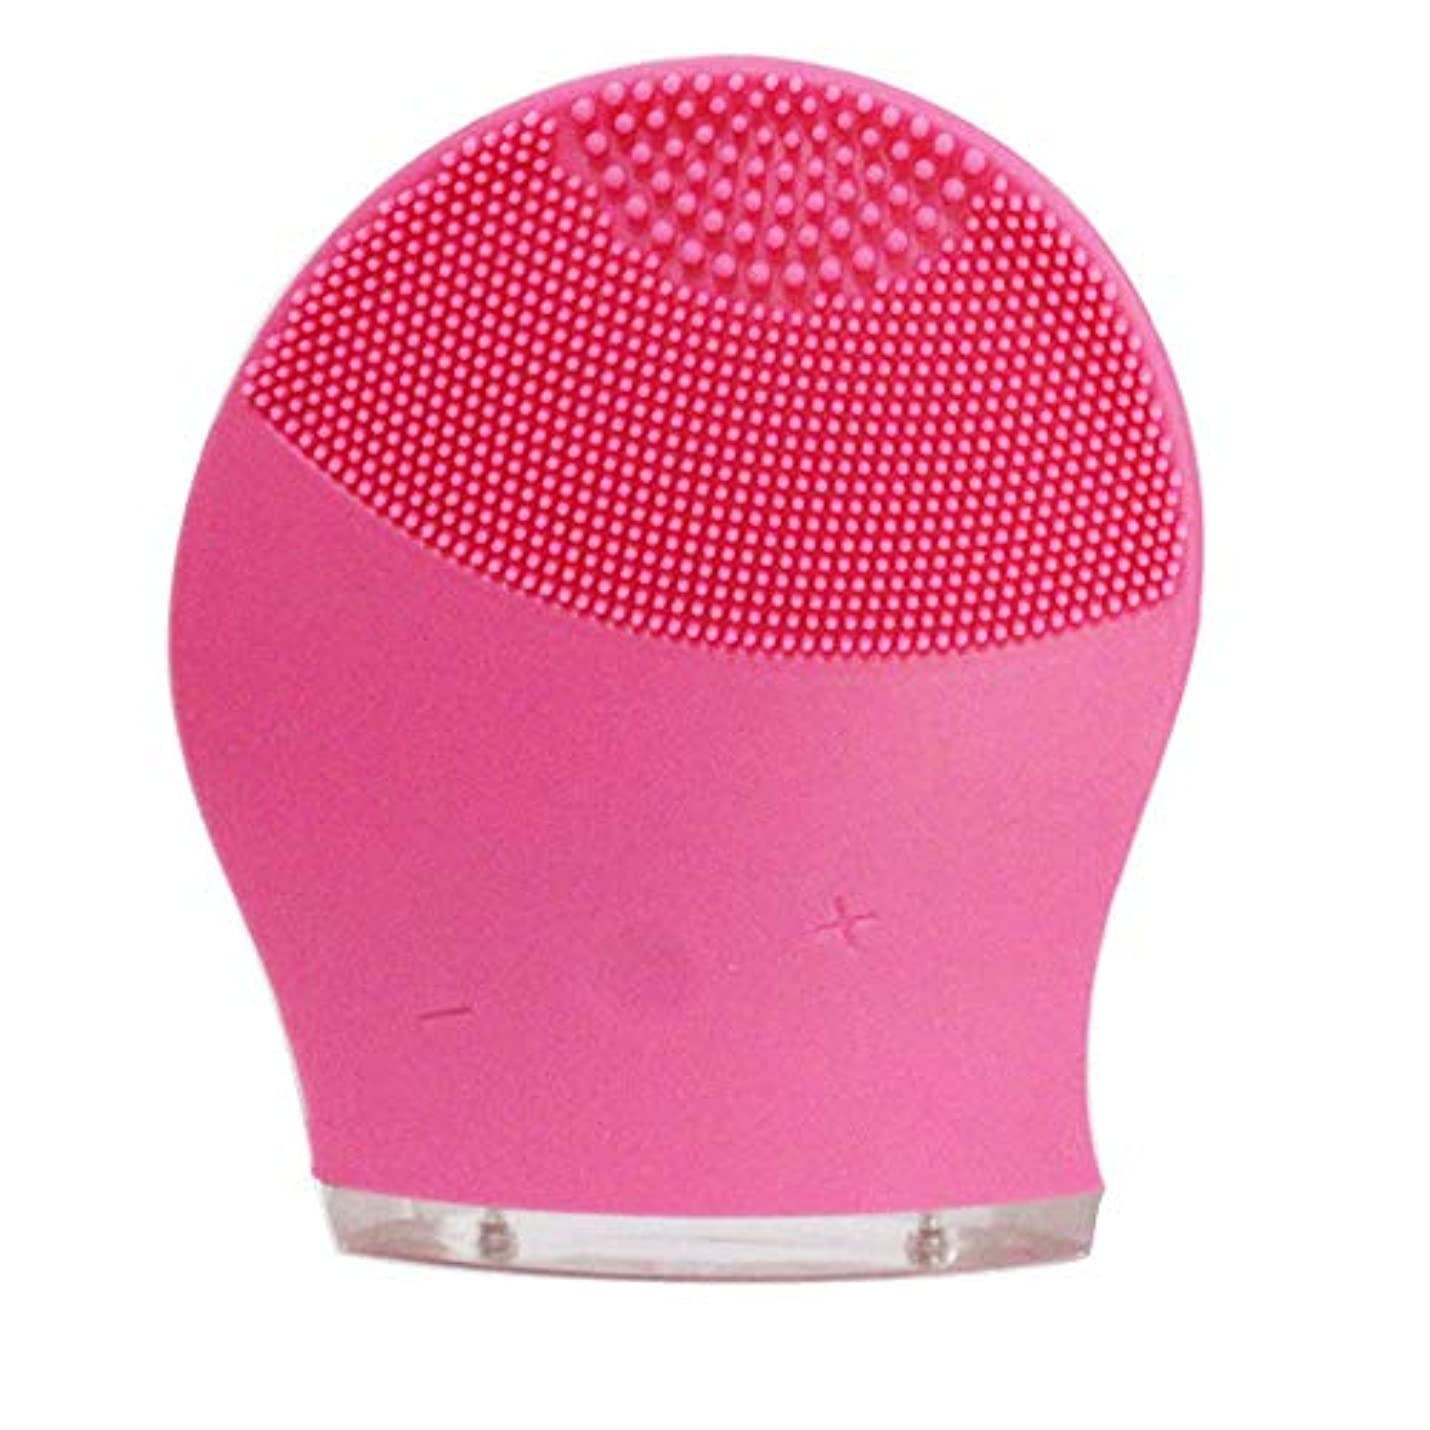 マインド真っ逆さま批判的ZXF 新電気洗浄器シリコーン洗浄器超音波振動洗浄ブラシUSB充電毛穴洗浄 滑らかである (色 : Red)